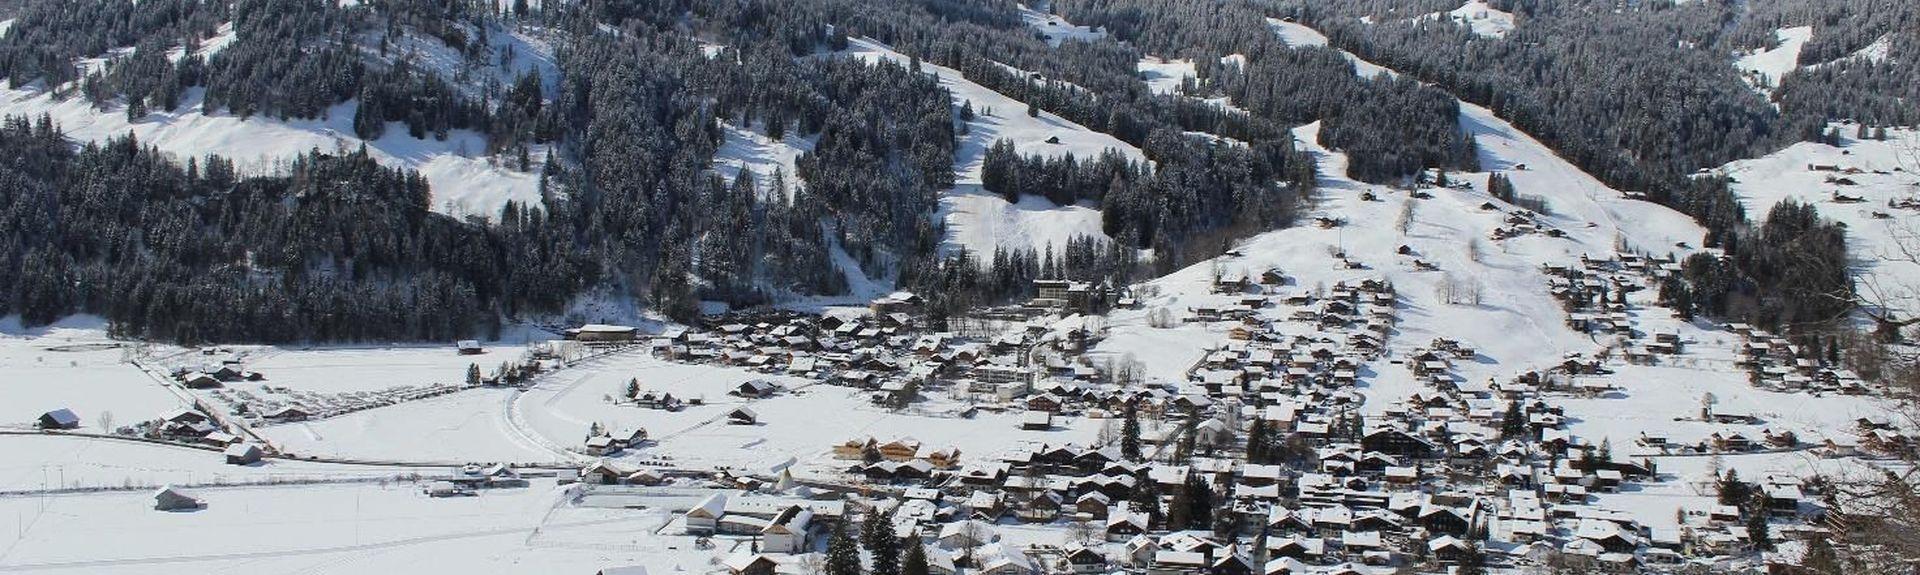 Distrito de Hérens, Valais, Suíça